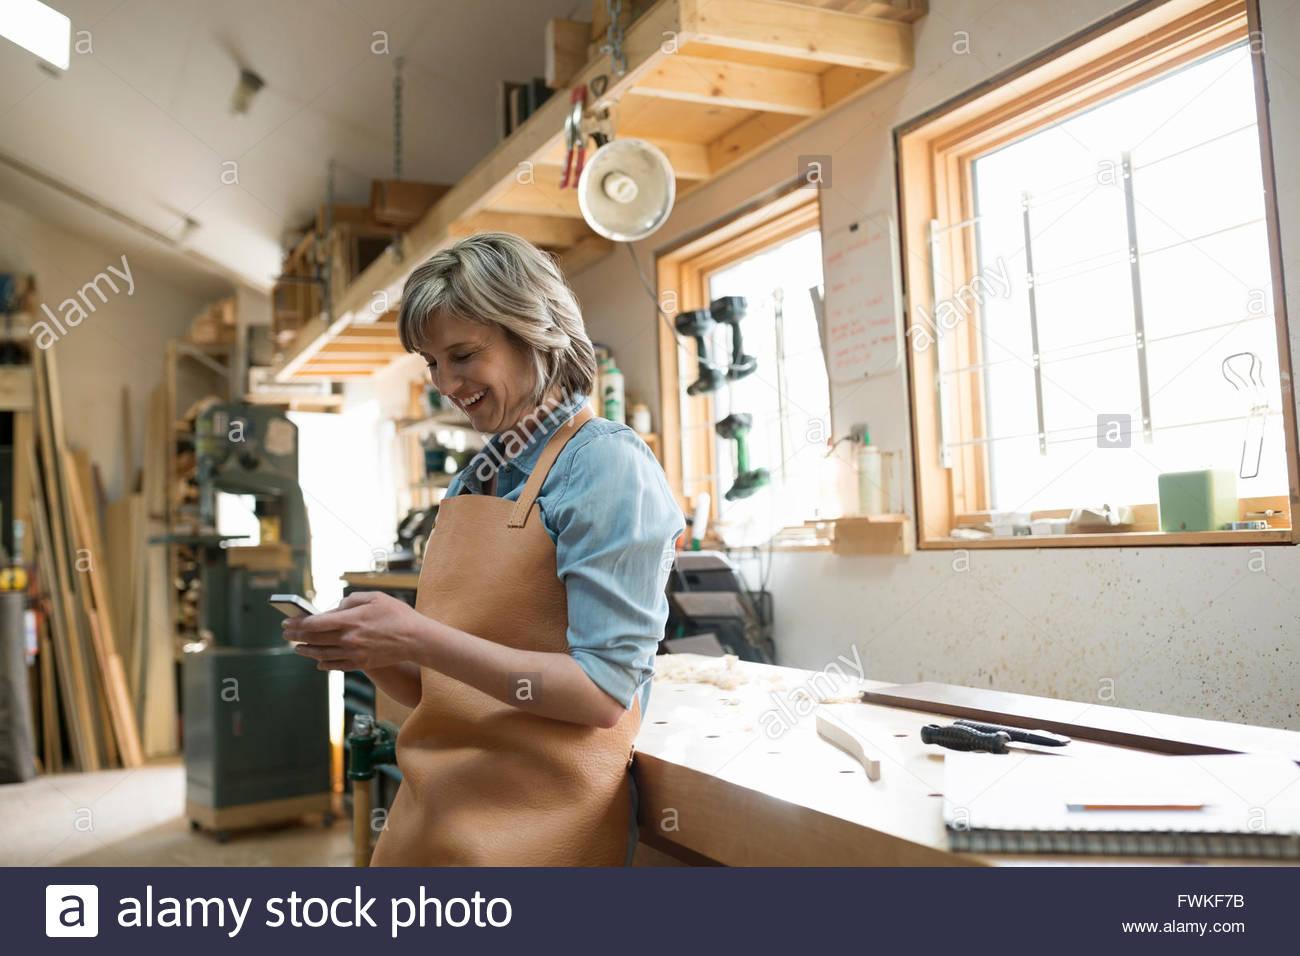 Mujer sonriente carpintero utilizando teléfono celular en el taller Imagen De Stock